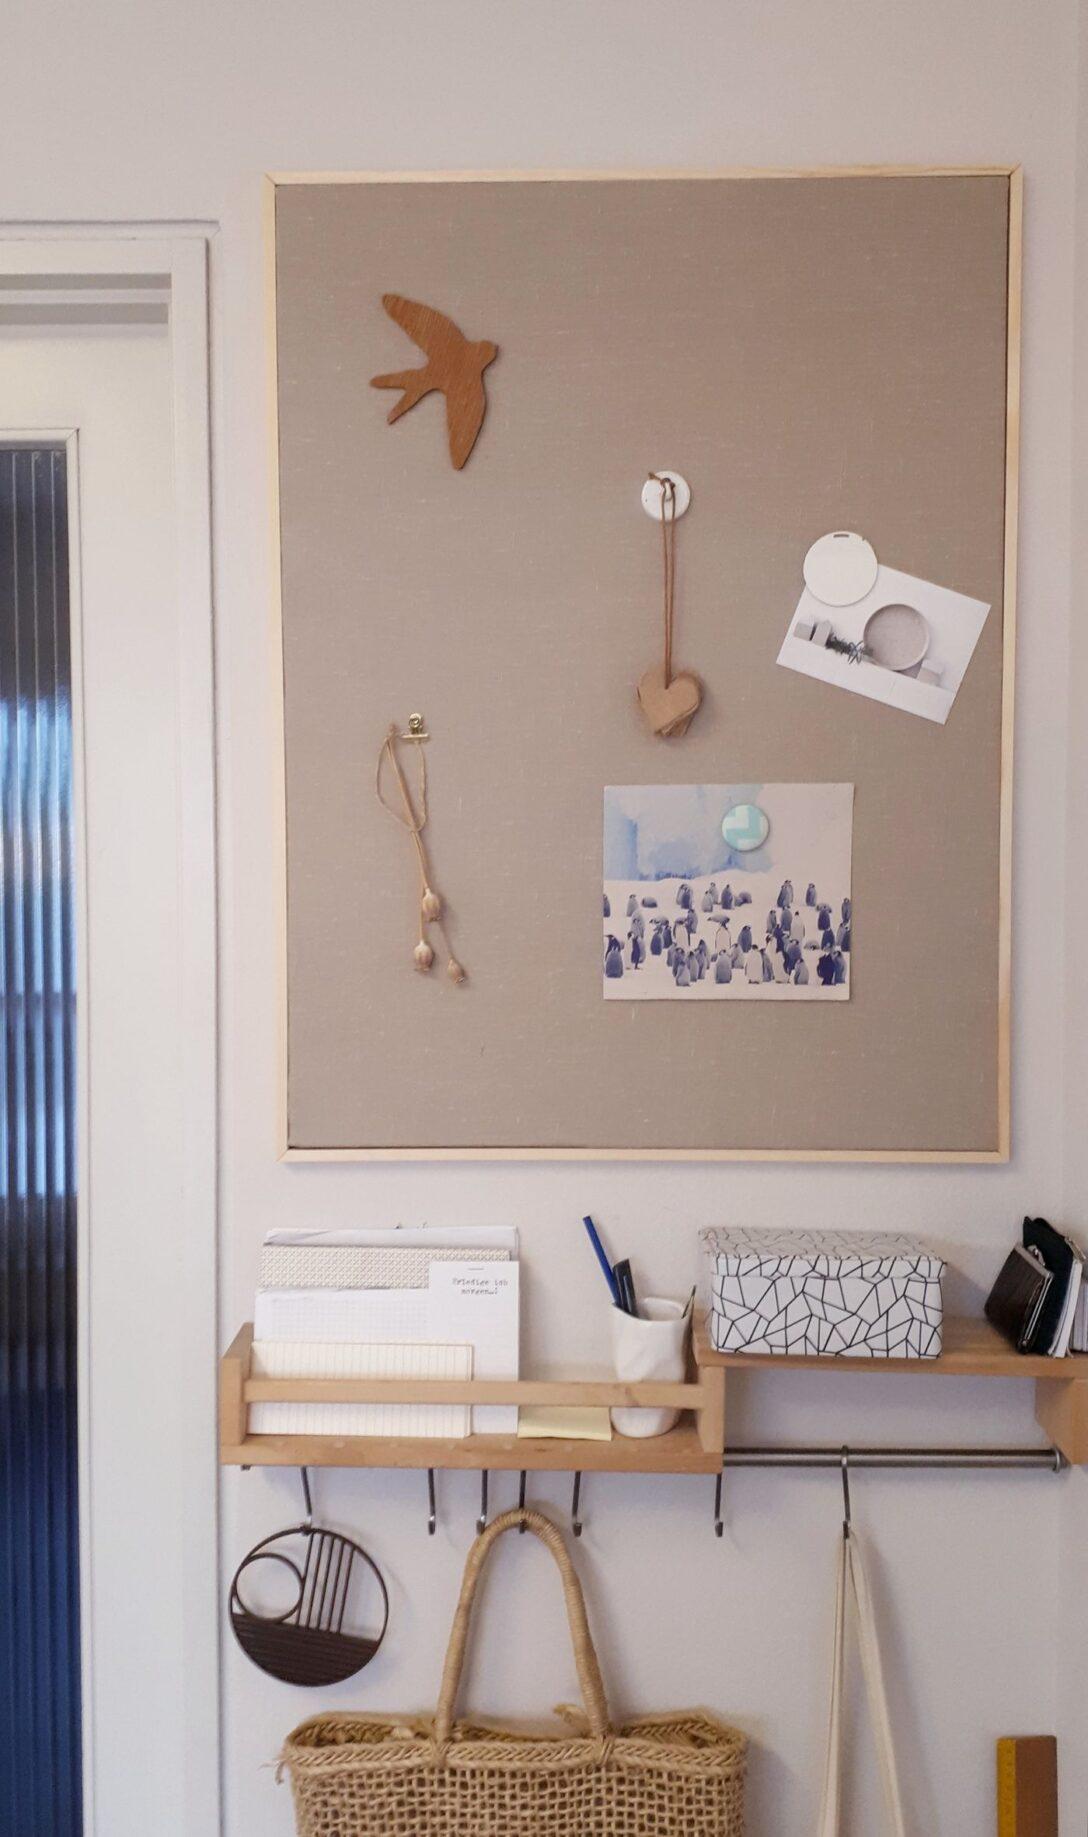 Large Size of Eine Pinnwand Selber Machen Und Deko Ideen Behindertengerechte Küche Stehhilfe Einbauküche Mit E Geräten Outdoor Kaufen Weiß Hochglanz Auf Raten Landhaus Wohnzimmer Pinnwand Küche